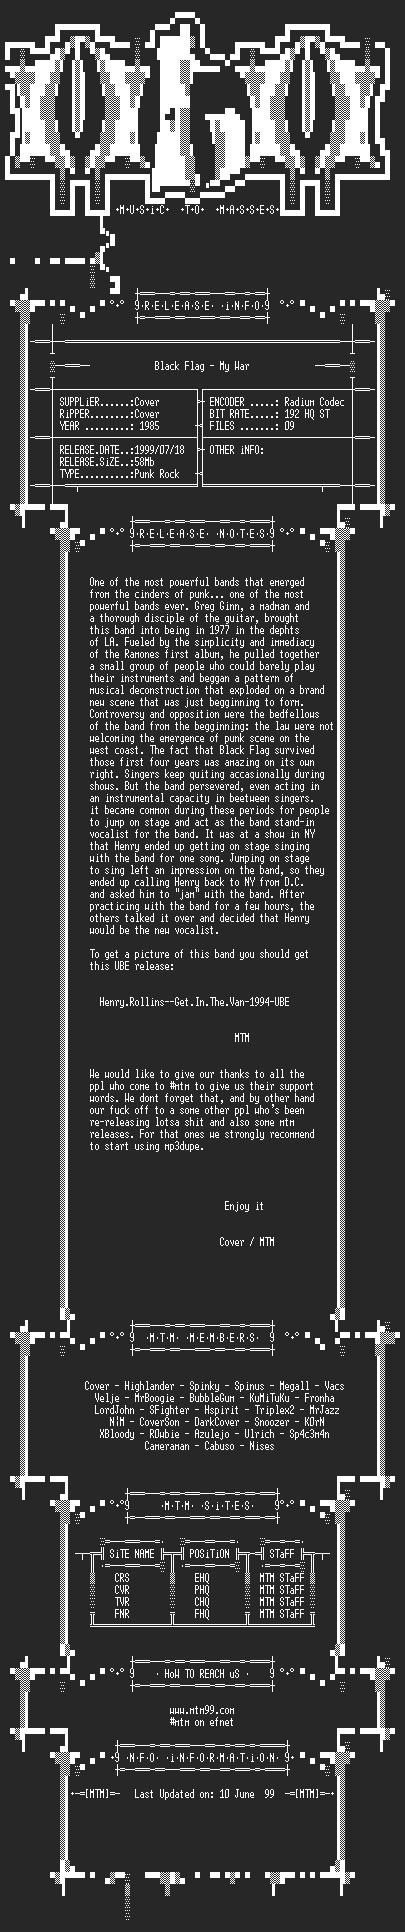 NFO file for Black_Flag_-_My_War_(1985)_-_MTM